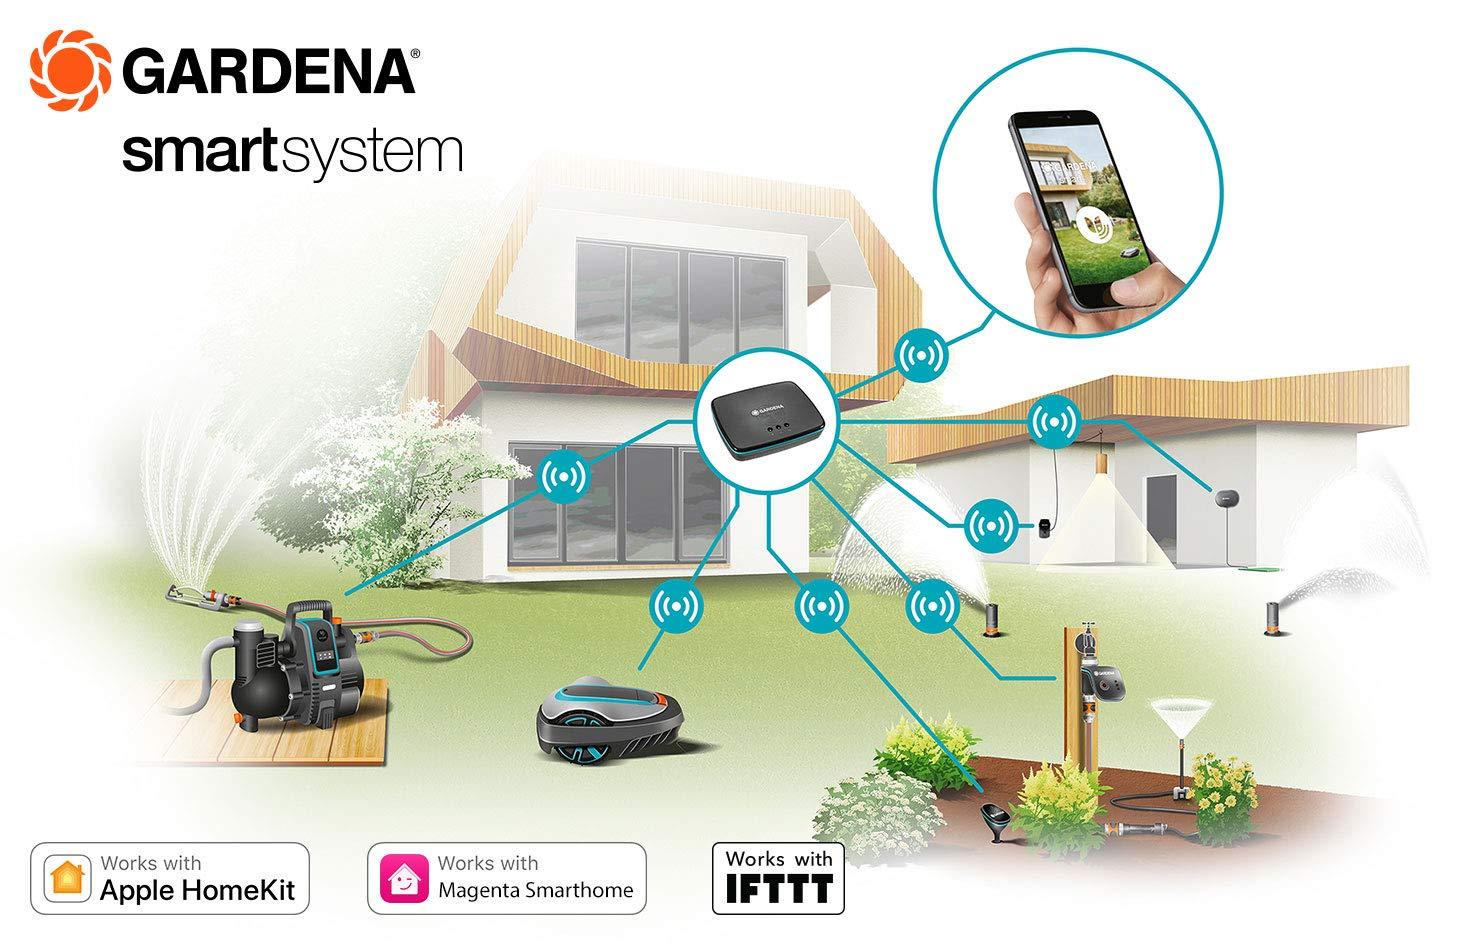 gardena smart sensor misst bodenfeuchte lichtst rke uvm. Black Bedroom Furniture Sets. Home Design Ideas